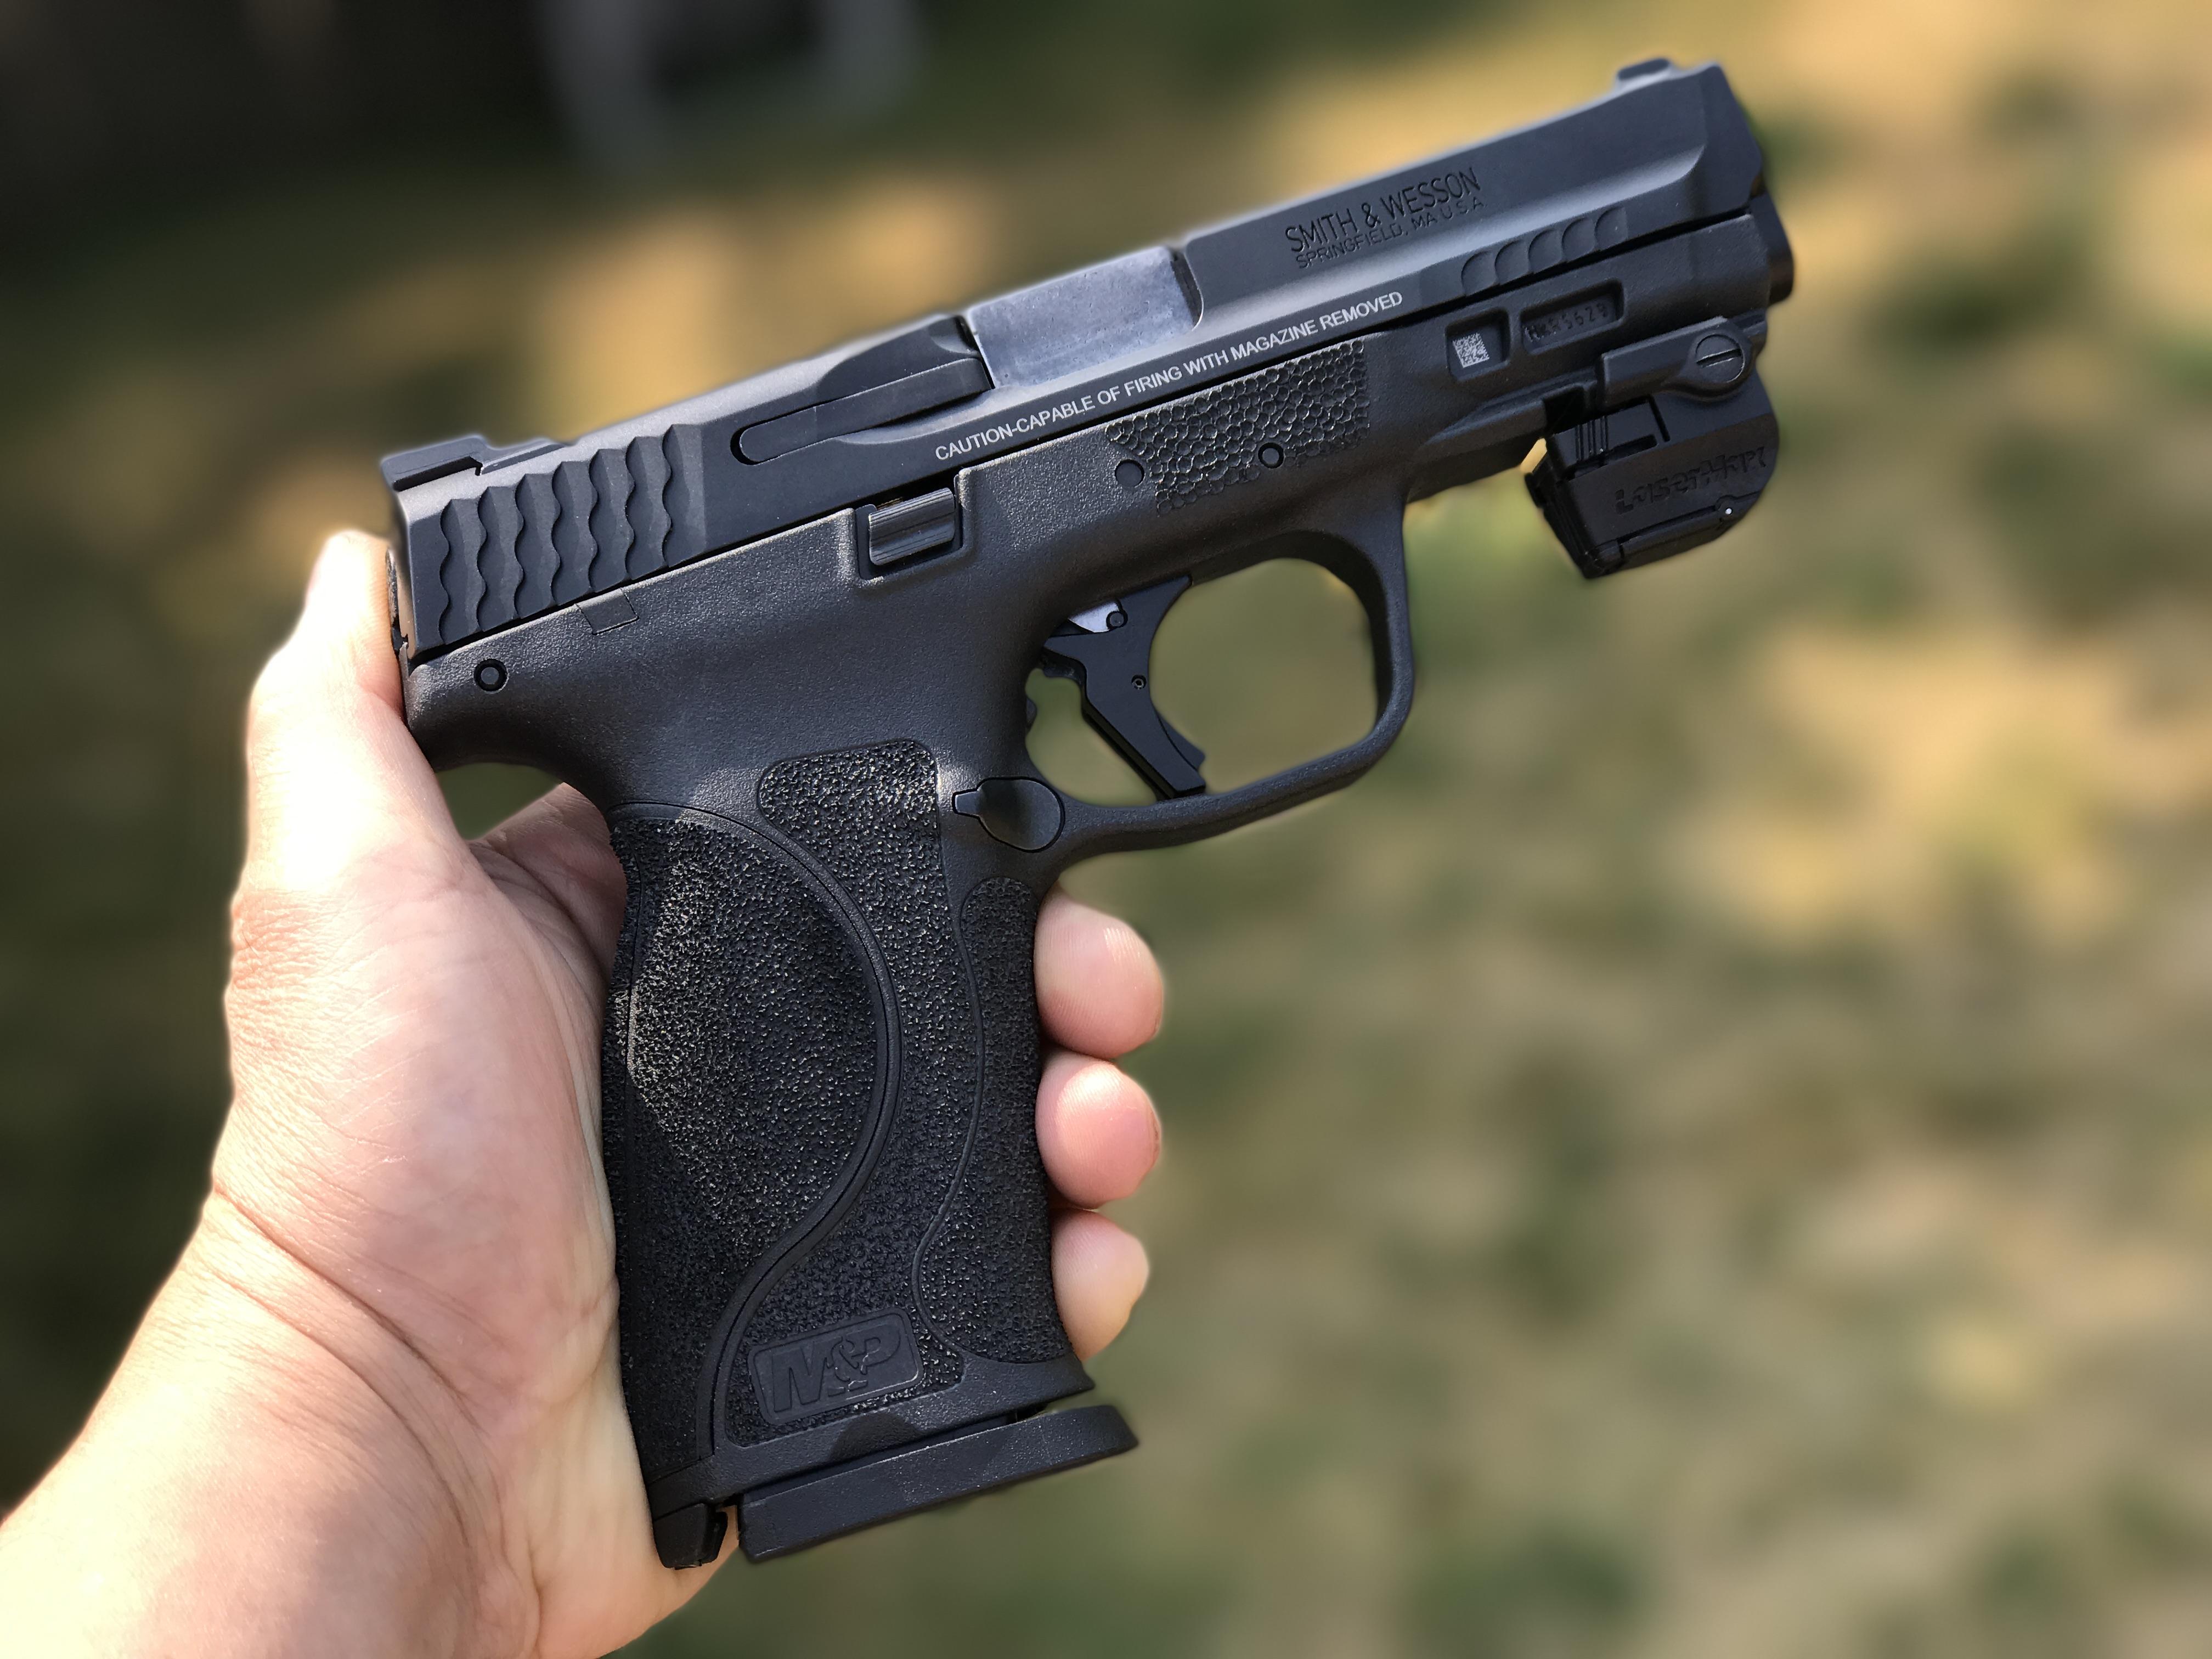 Laser for a VP9 SK-img_4160.jpg